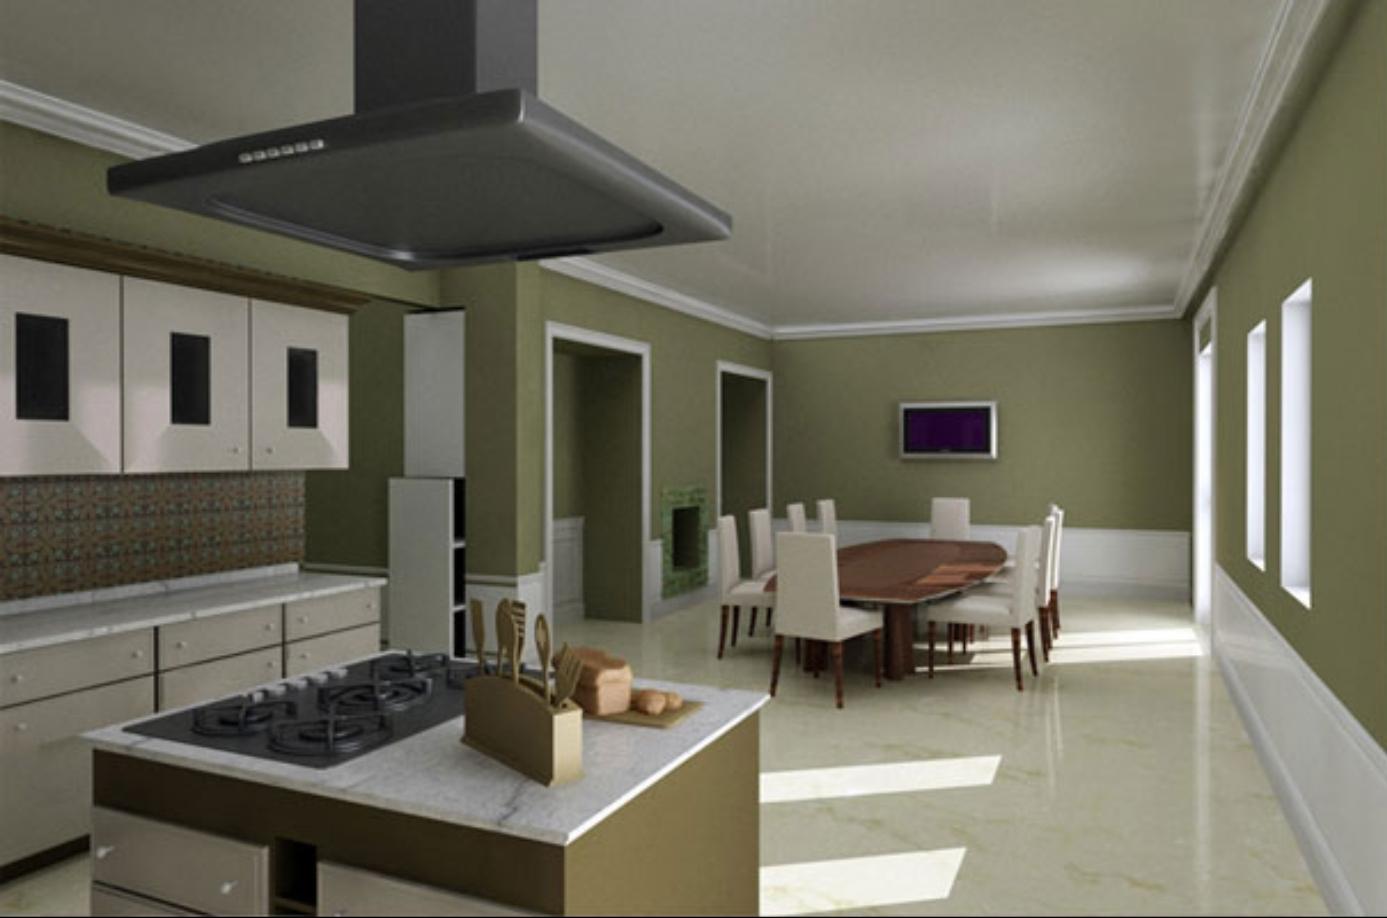 Progetto di riqualificazione e riarticolazione degli spazi di un appartamento di circa 400mq  … Leggi tutto…